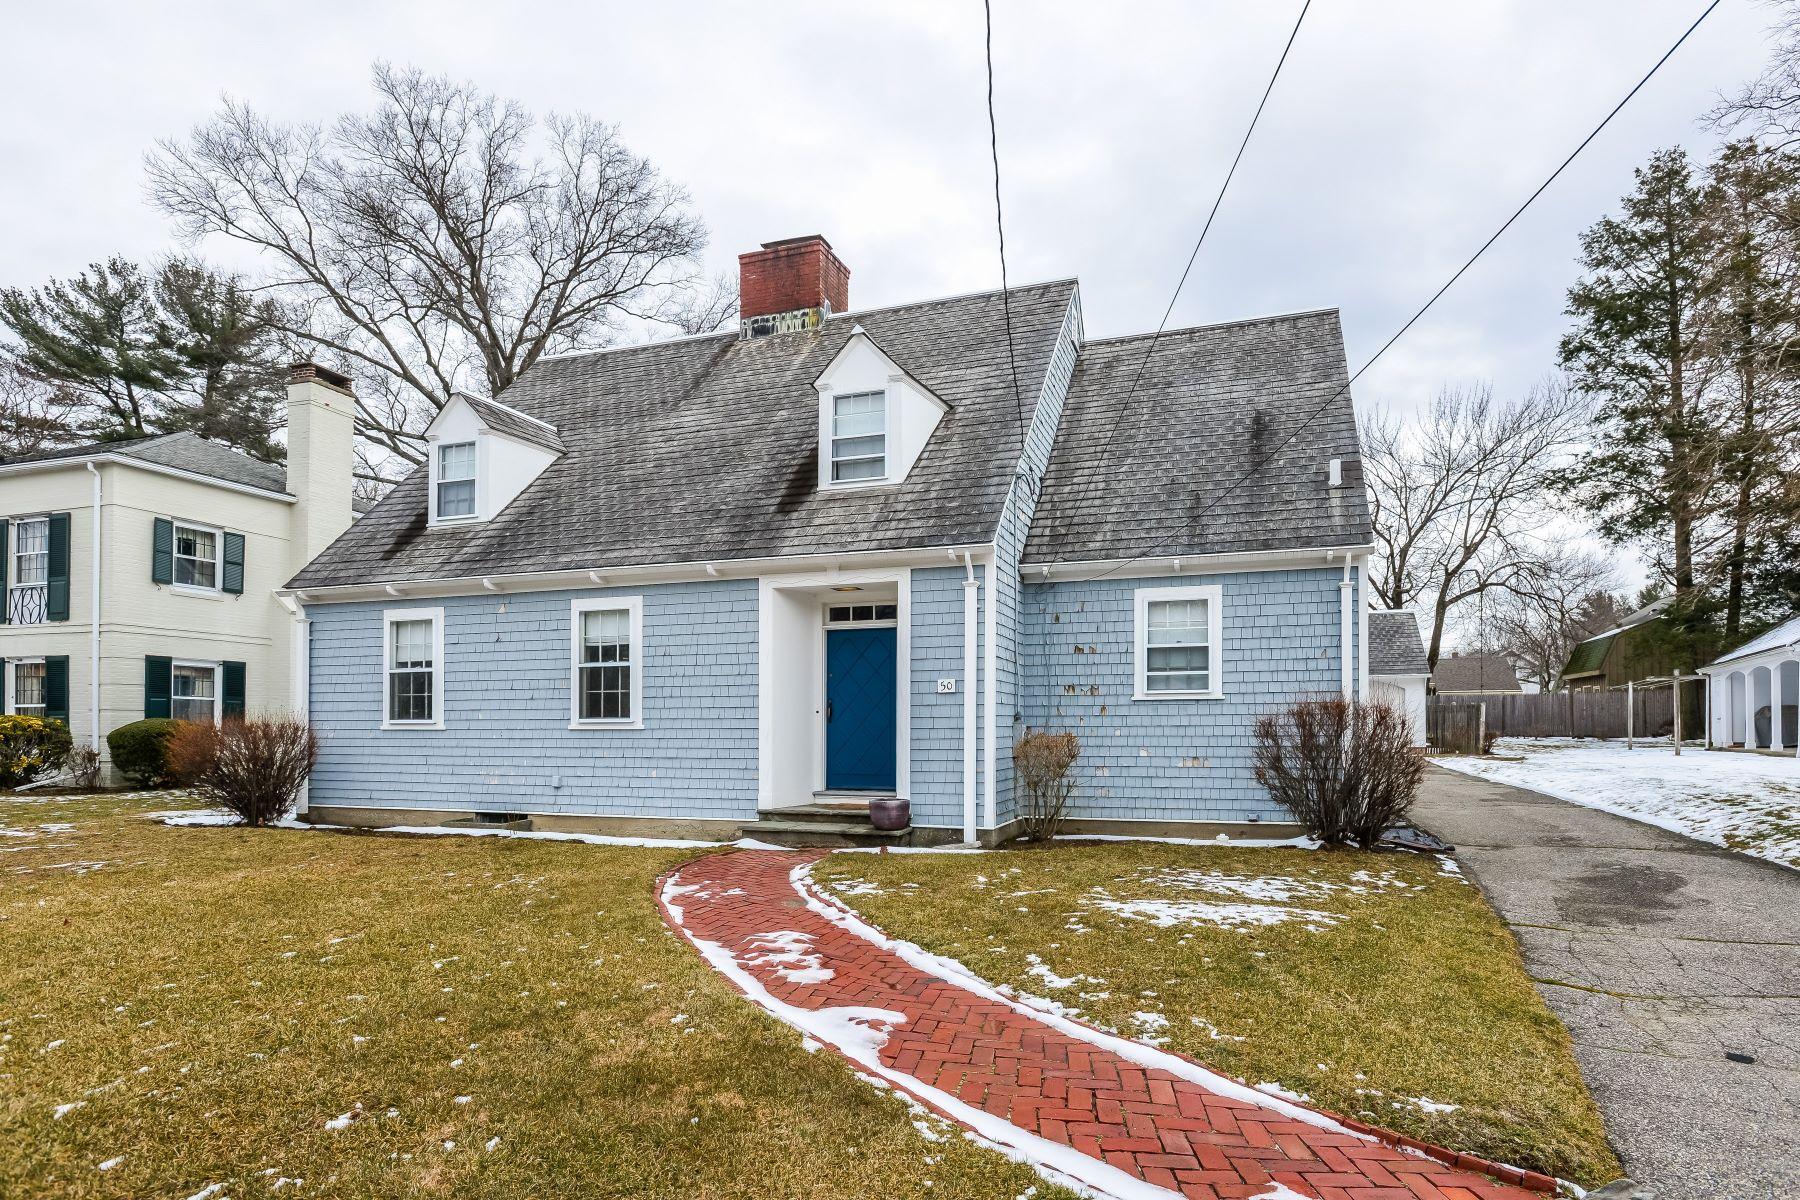 Μονοκατοικία για την Πώληση στο 50 Drowne Pkwy, East Providence, RI East Providence, Ροουντ Αϊλαντ 02916 Ηνωμένες Πολιτείες